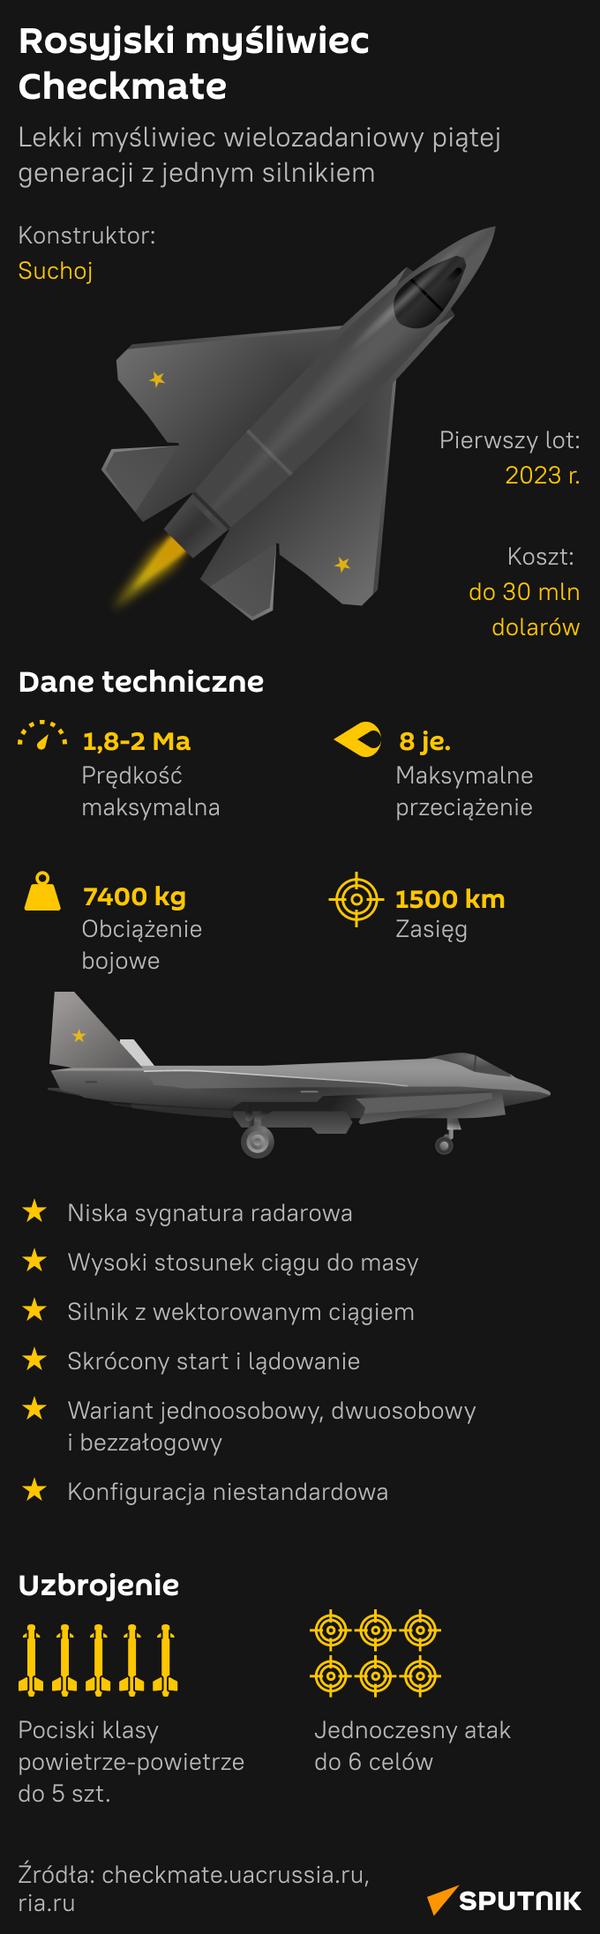 Charakterystyka rosyjskiego myśliwca Checkmate - Sputnik Polska